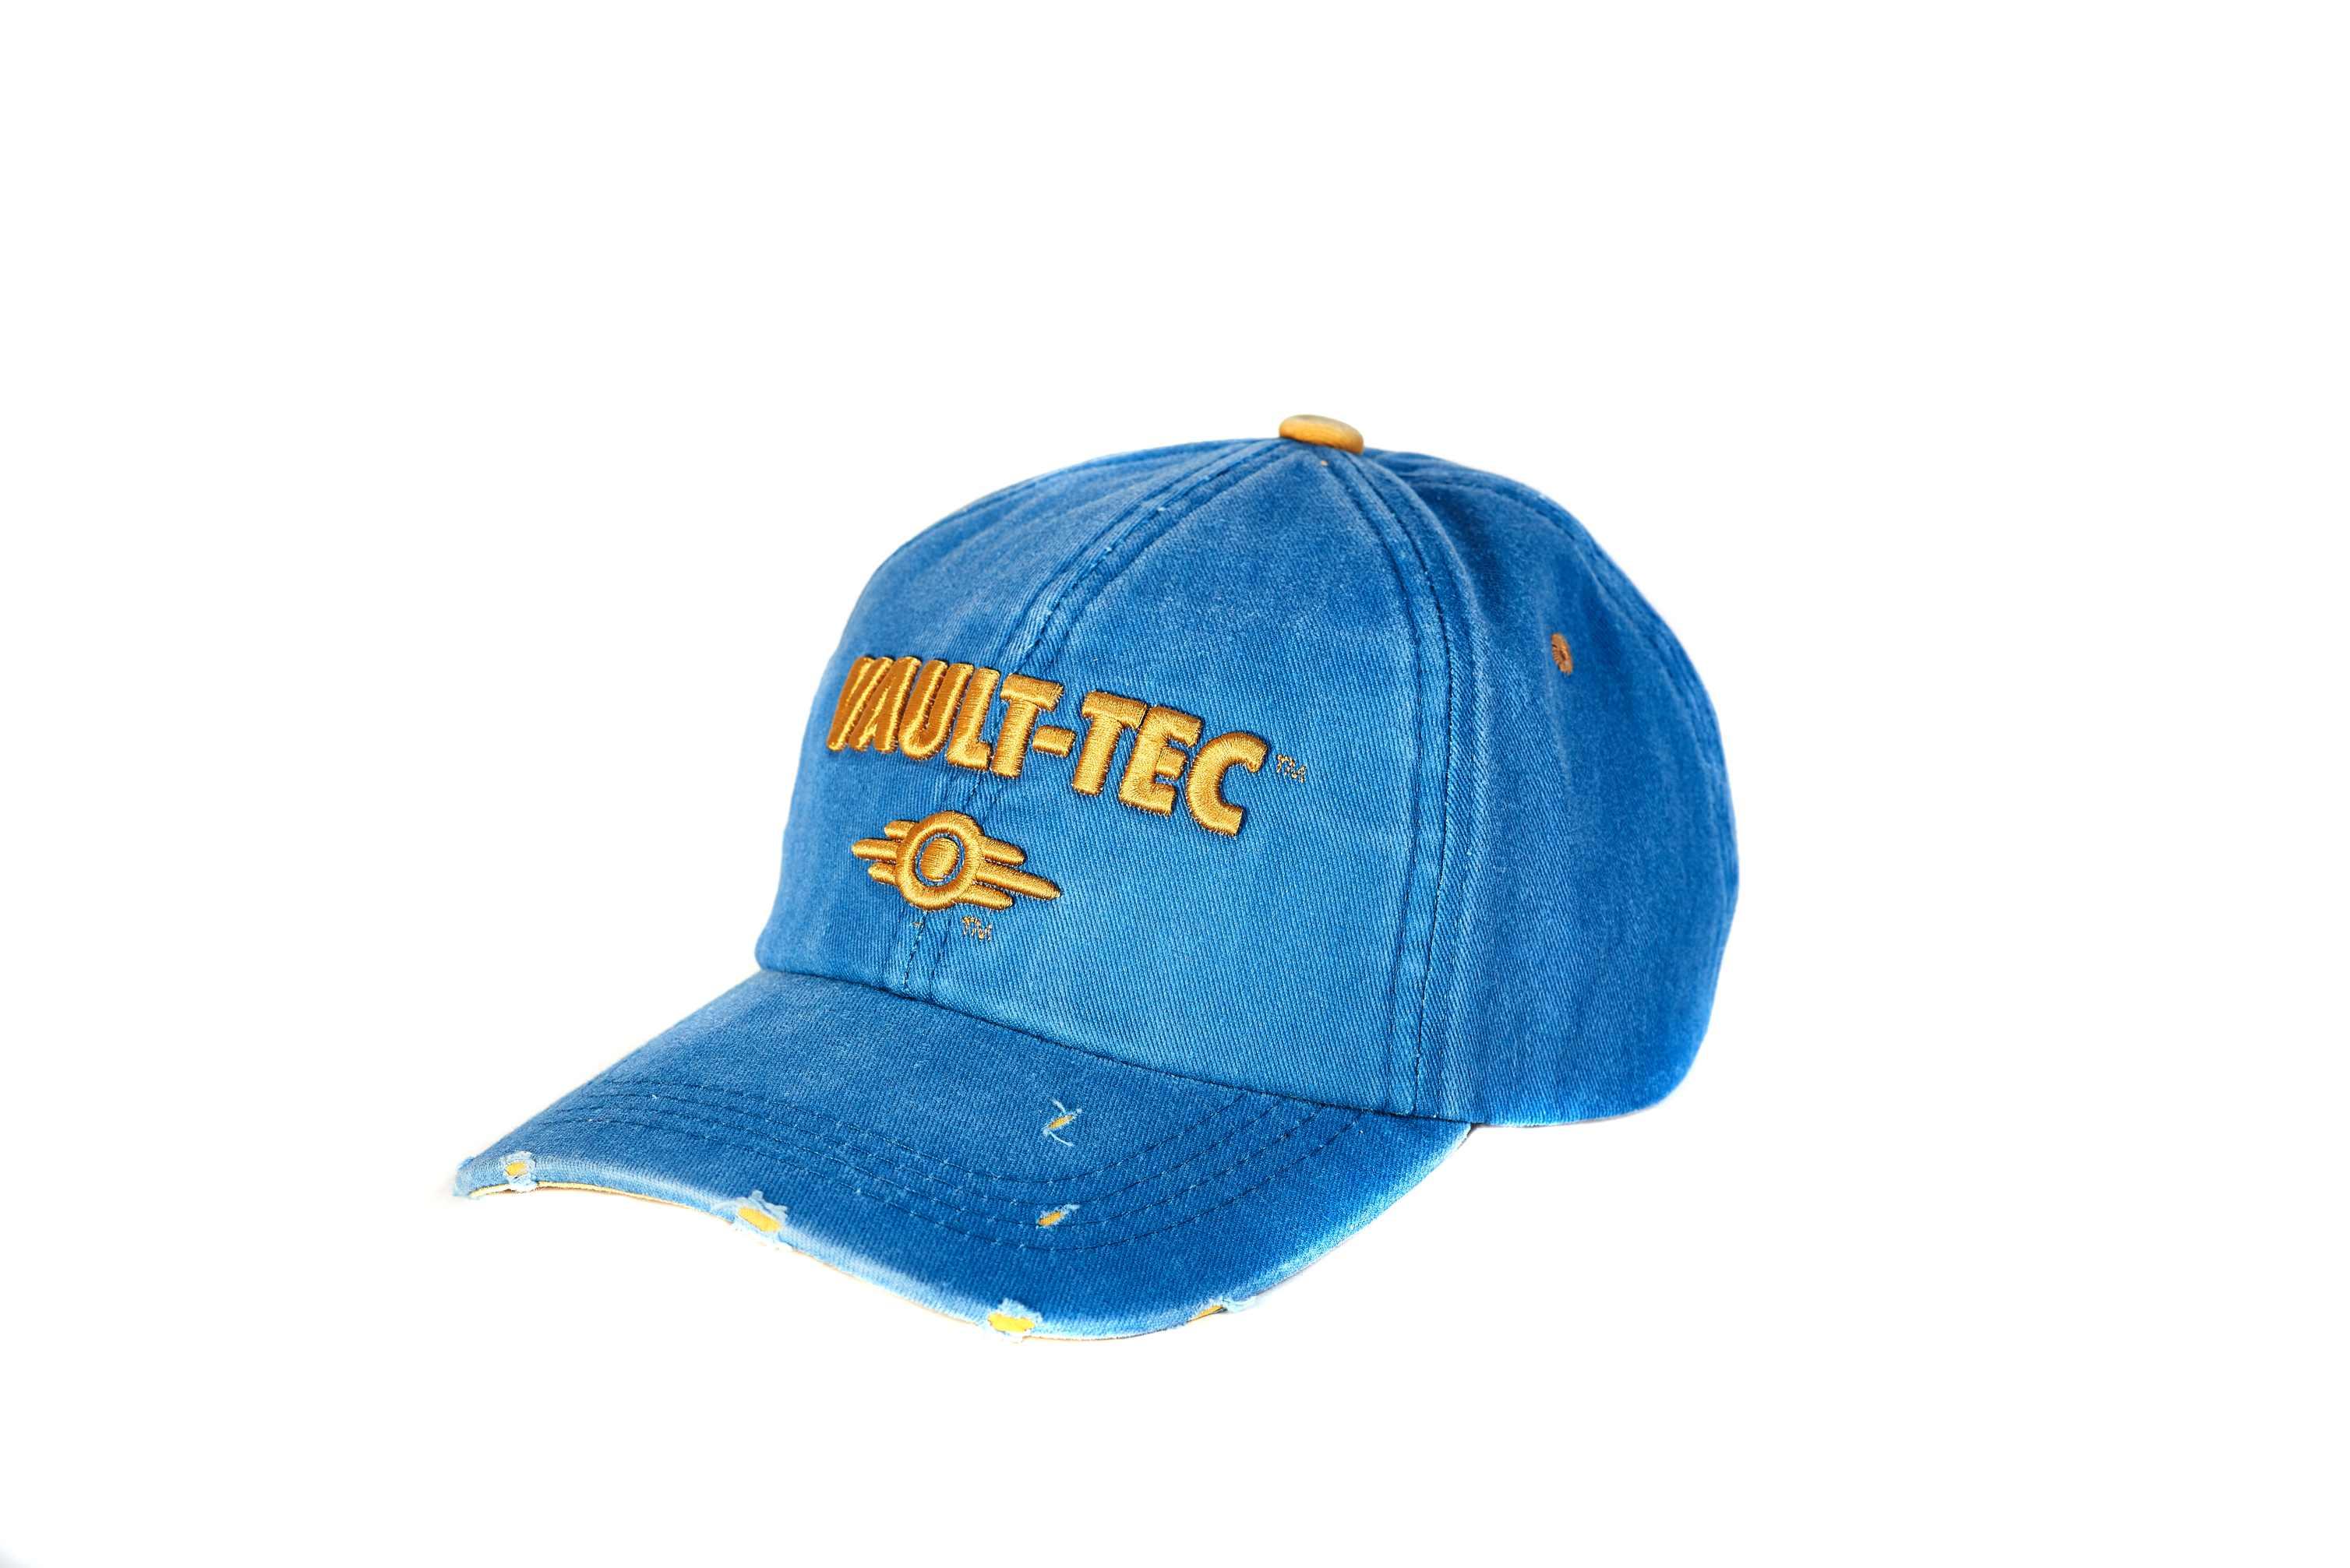 Fallout Vault-Tec Vintage Baseball Cap